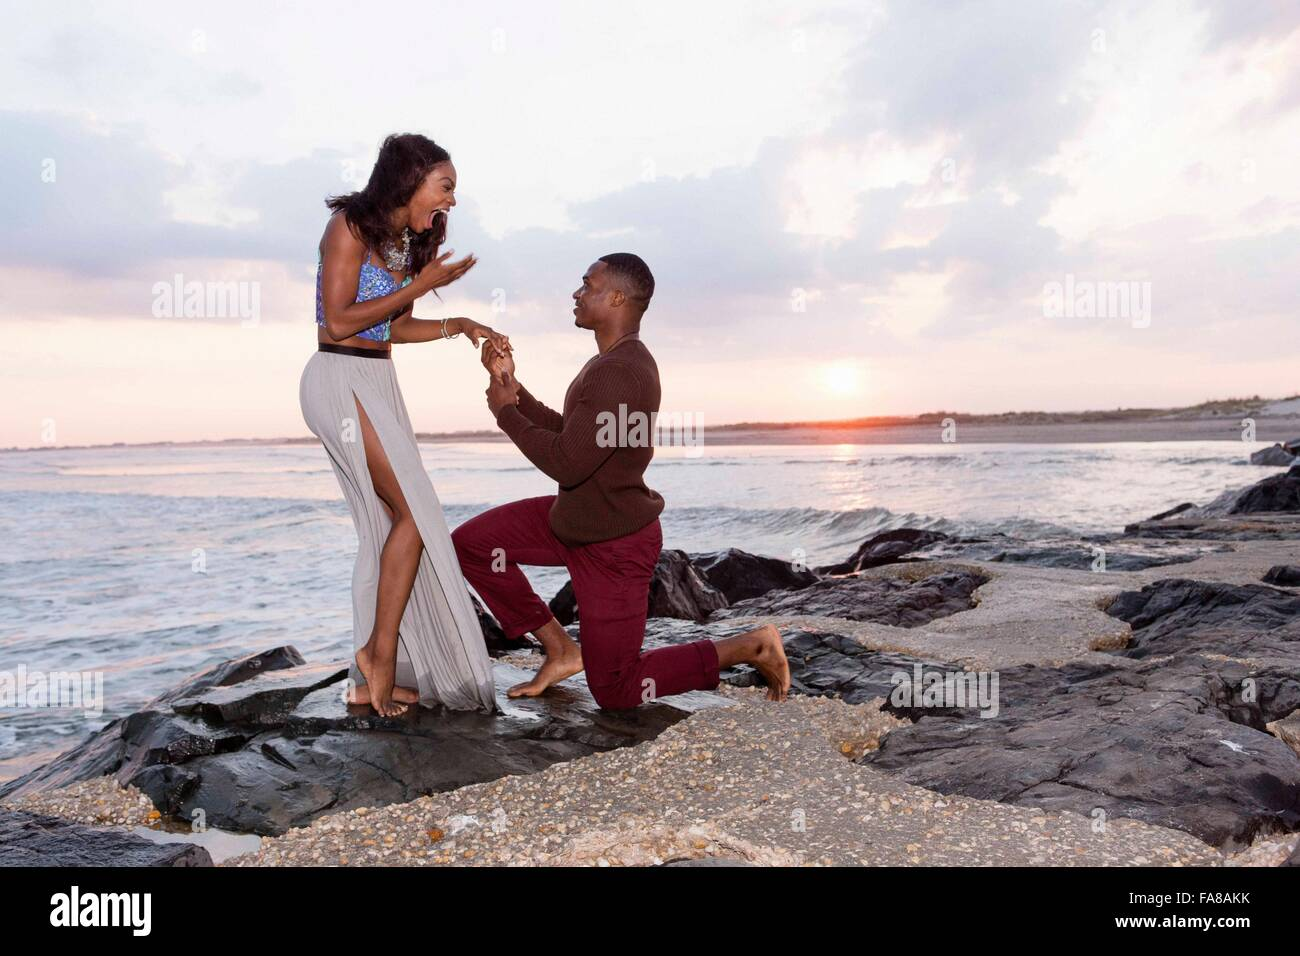 A mediados adulto hombre arrodillado en las rocas junto al mar, propone a la joven Foto de stock